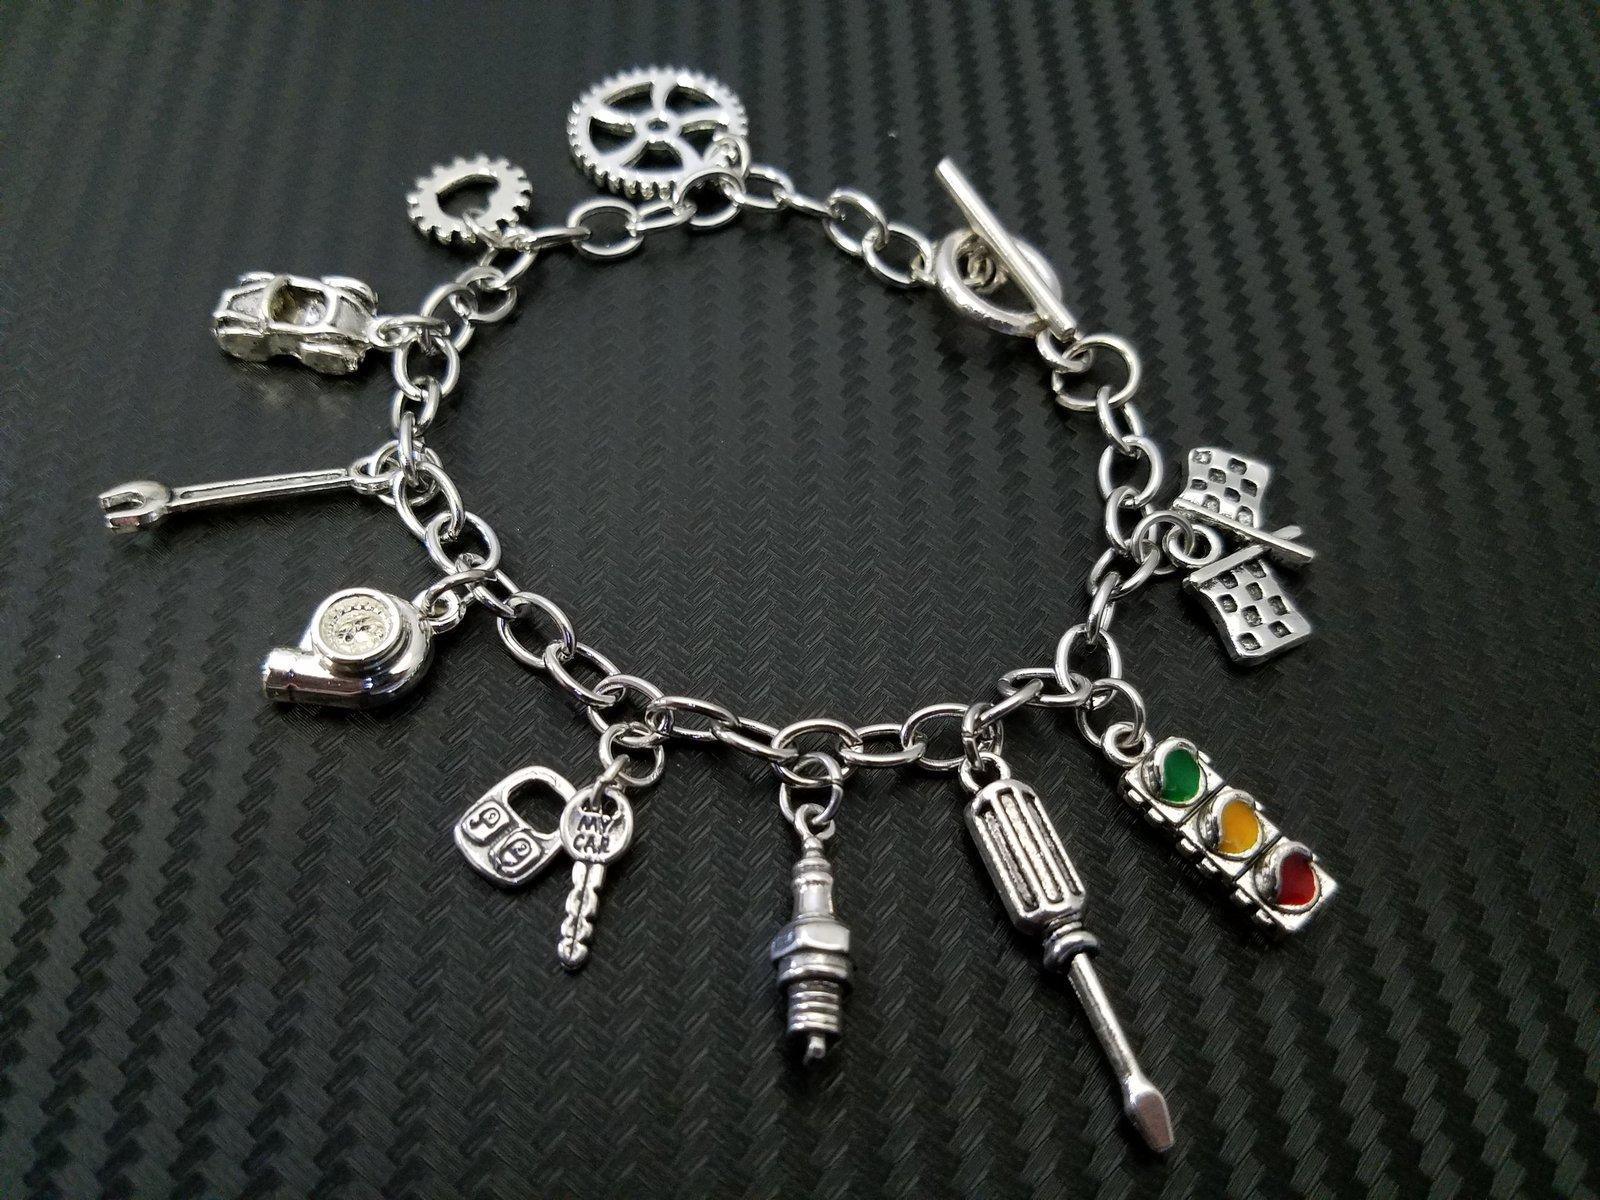 Car Part Charm Bracelets